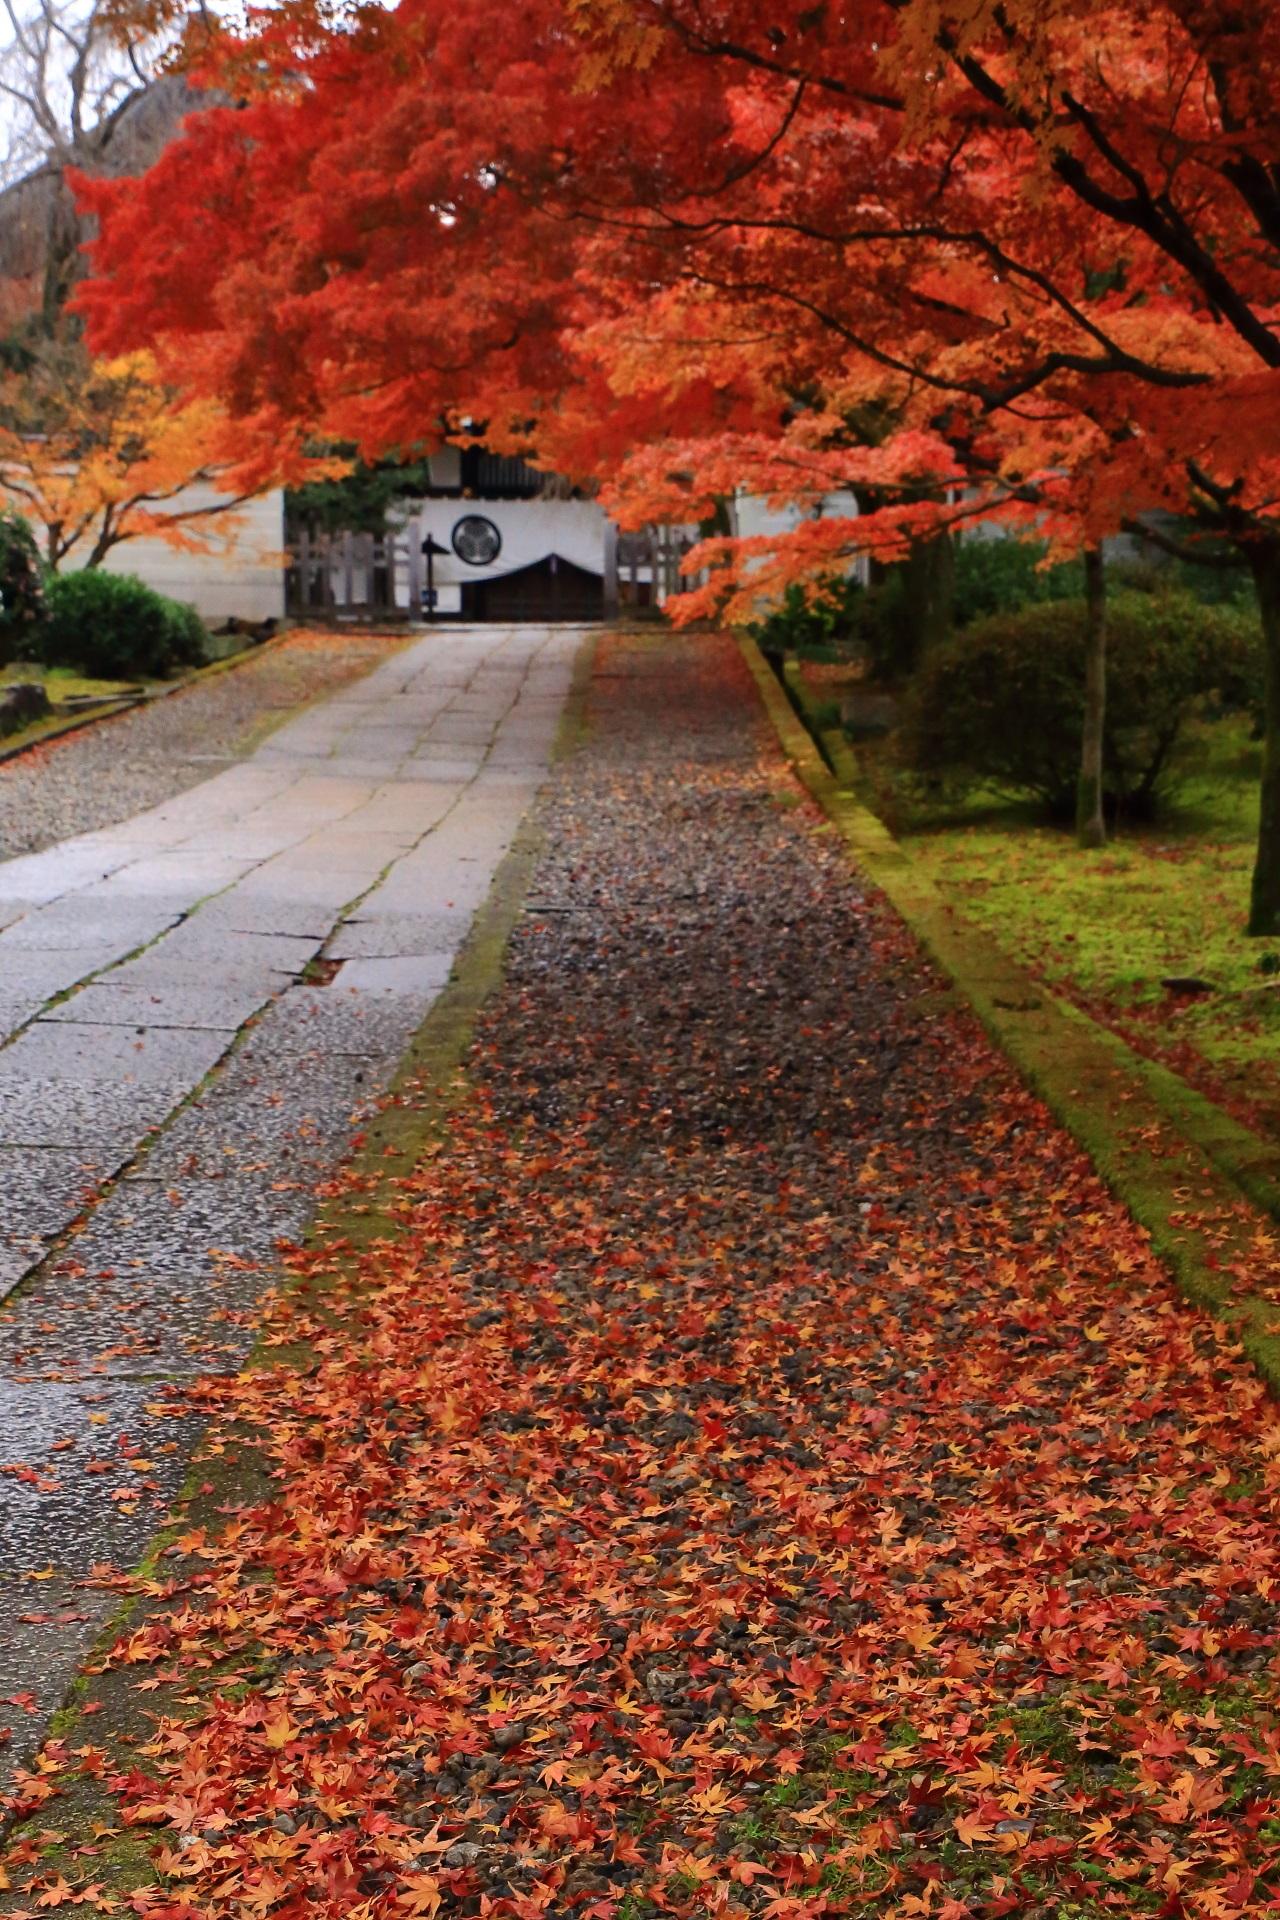 奥に見える玄関と手前の多彩な散り紅葉